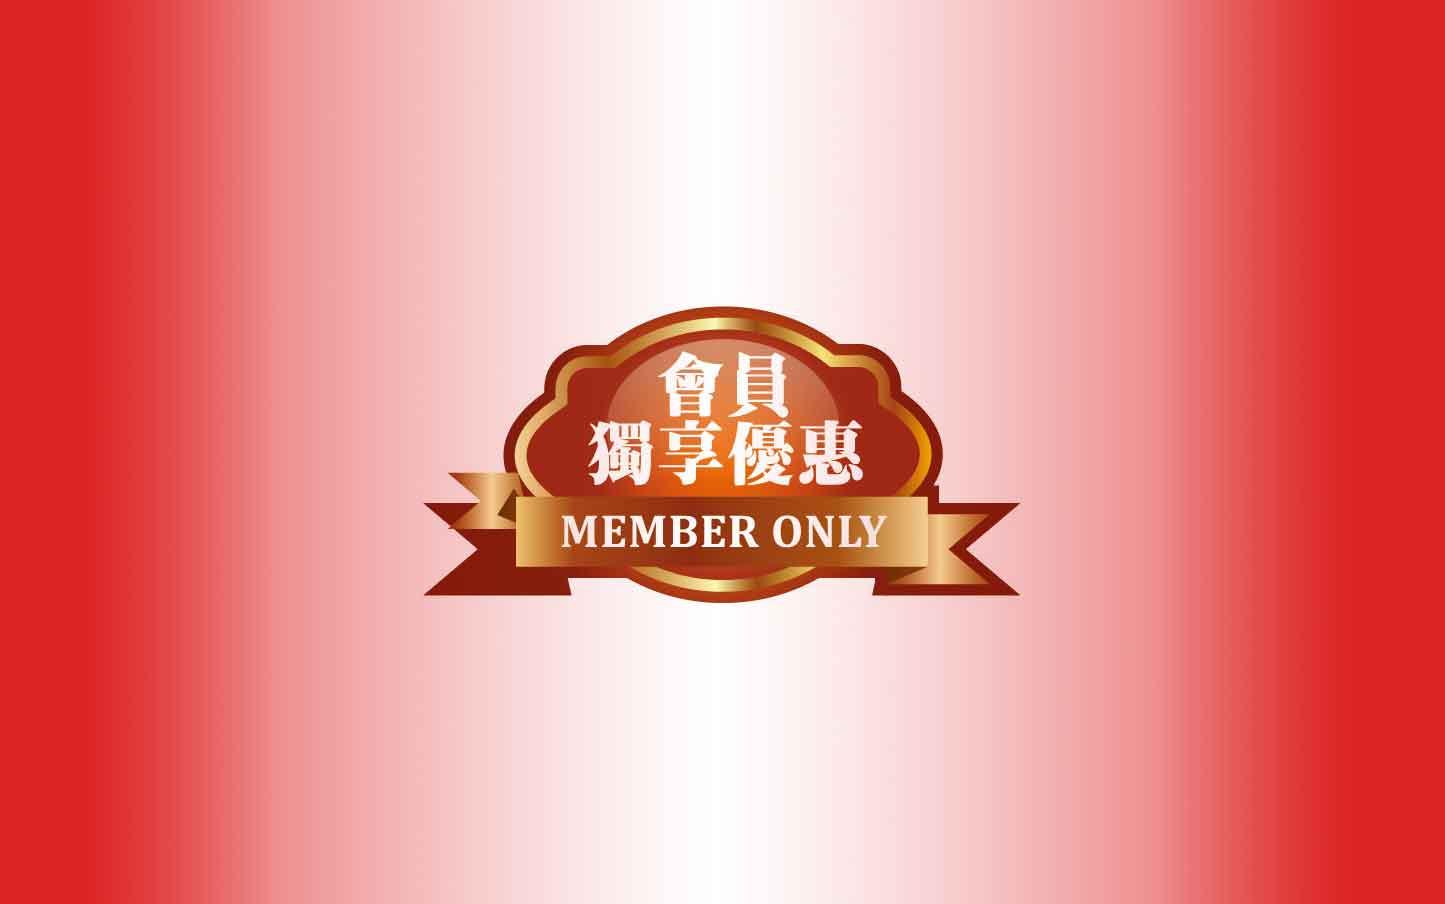 會員優惠條款變更通知